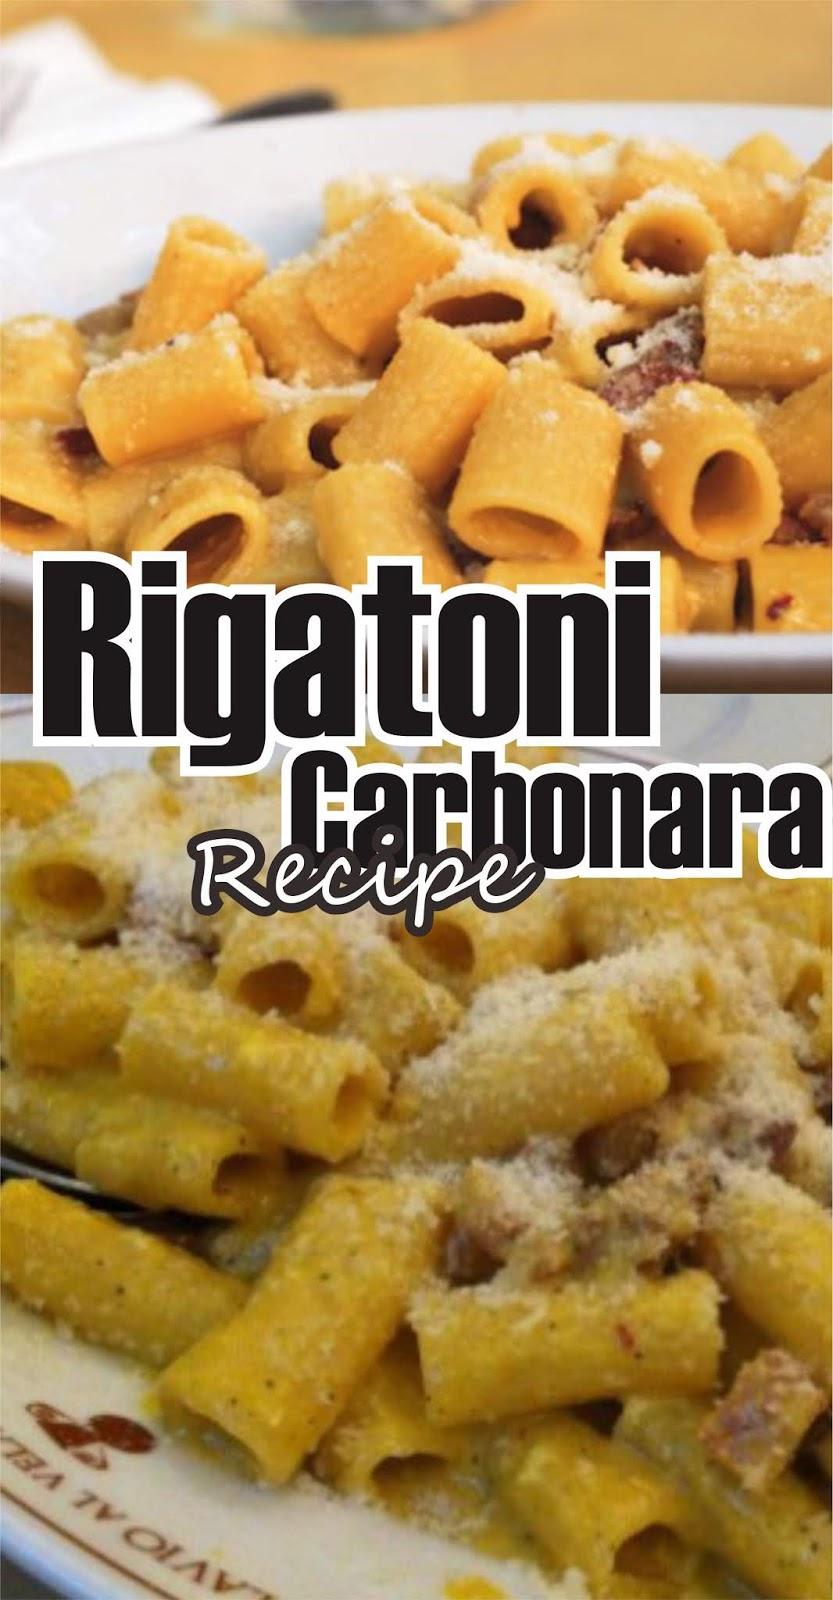 RIGATONI CARBONARA RECIPE